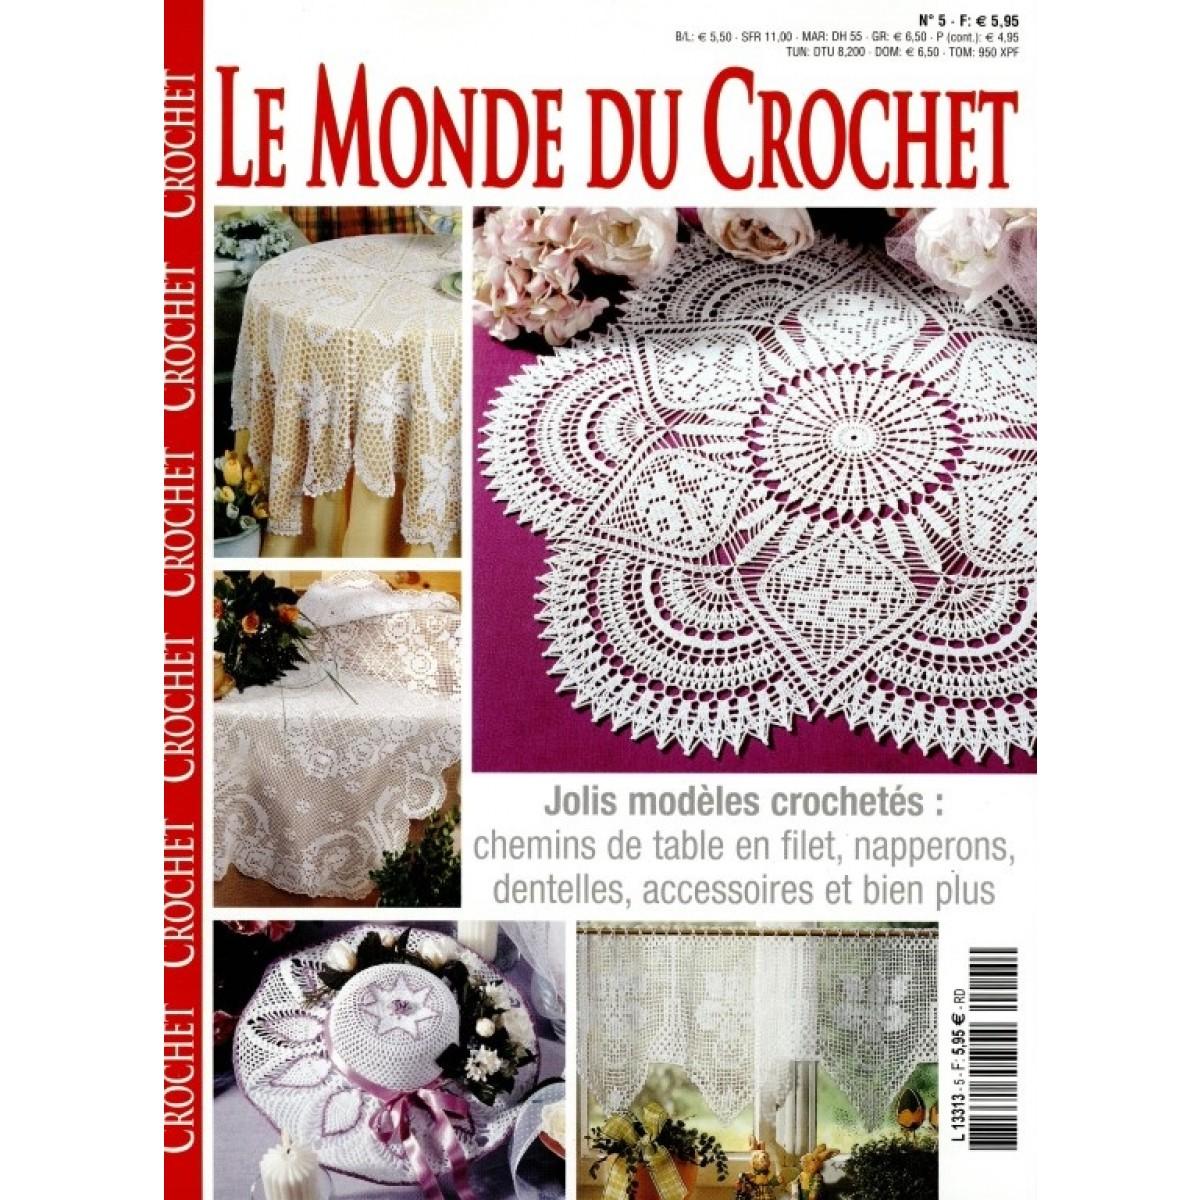 abonnement le monde du crochet pas cher mag24 discount. Black Bedroom Furniture Sets. Home Design Ideas